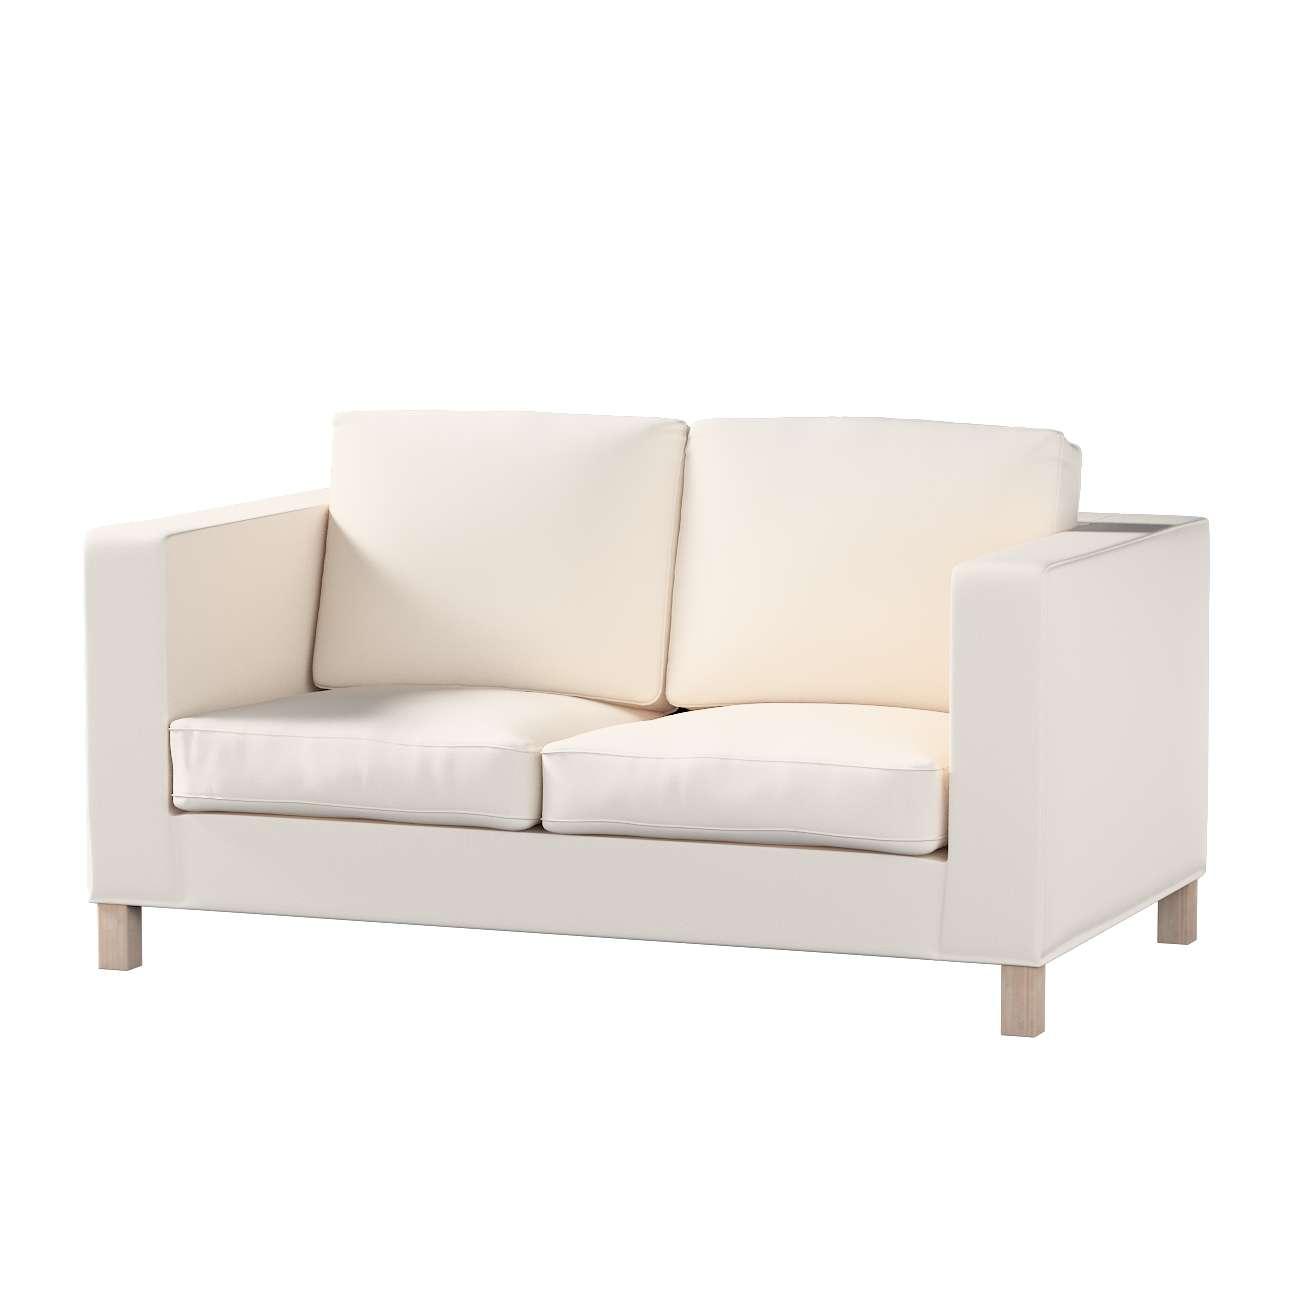 Pokrowiec na sofę Karlanda 2-osobową nierozkładaną, krótki Sofa Karlanda 2-os w kolekcji Etna , tkanina: 705-01